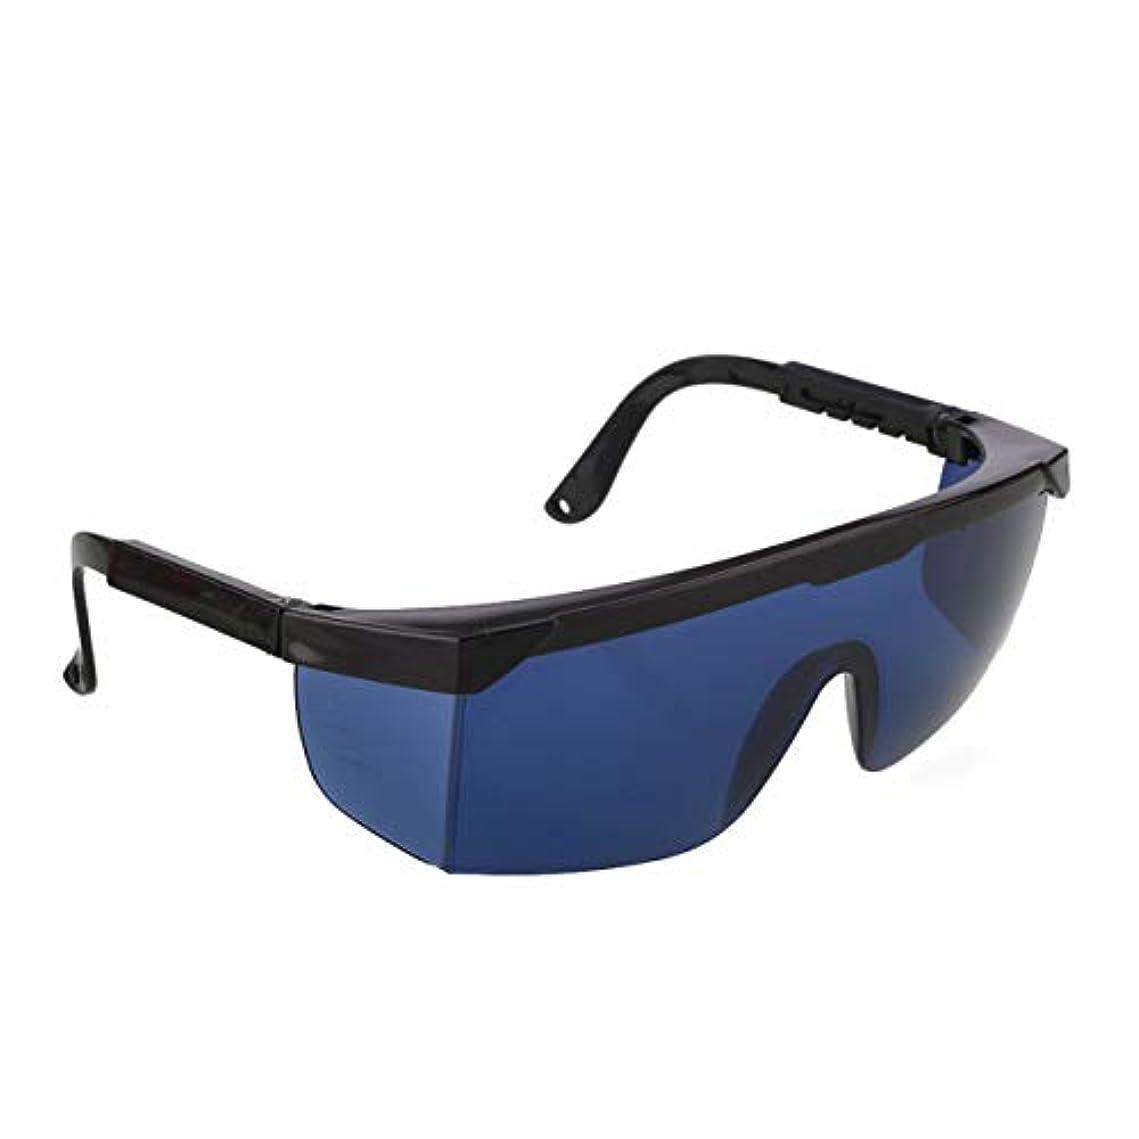 アクセントバリアピューSaikogoods 除毛クリーム ポイント脱毛保護メガネユニバーサルゴーグル眼鏡を凍結IPL/E-光OPTのためのレーザー保護メガネ 青